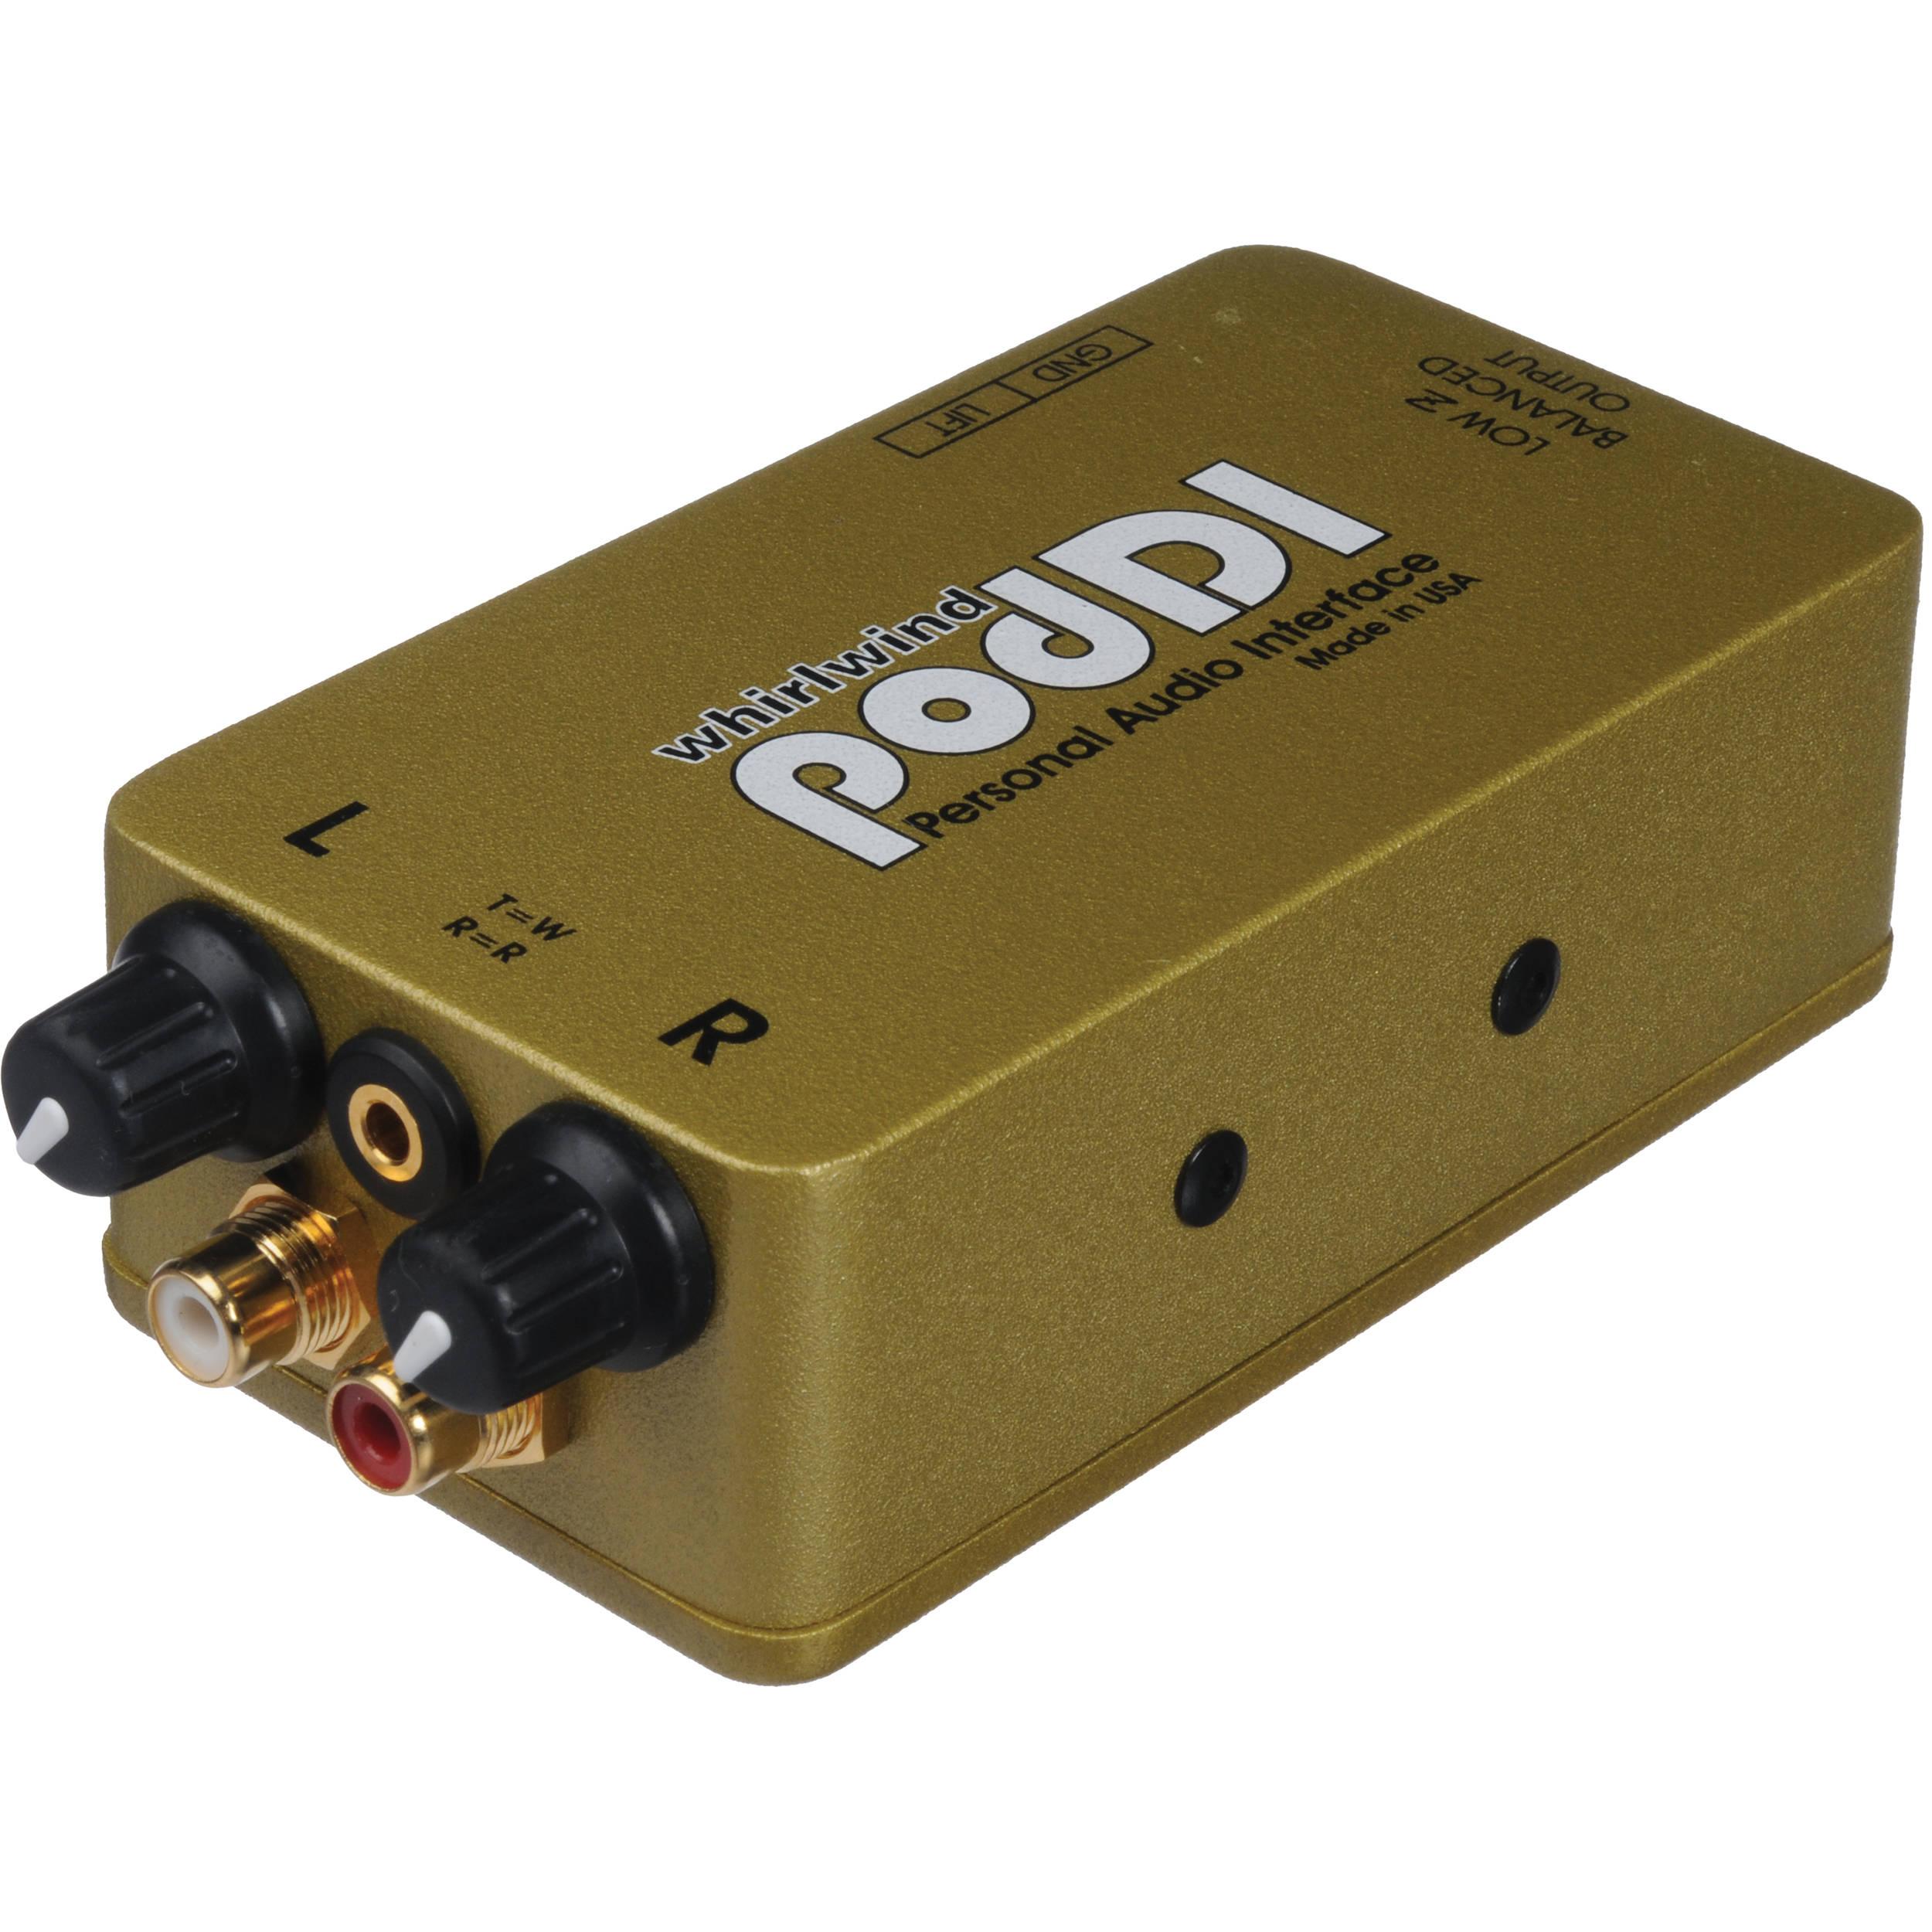 Whirlwind podDI - Personal Audio Interface